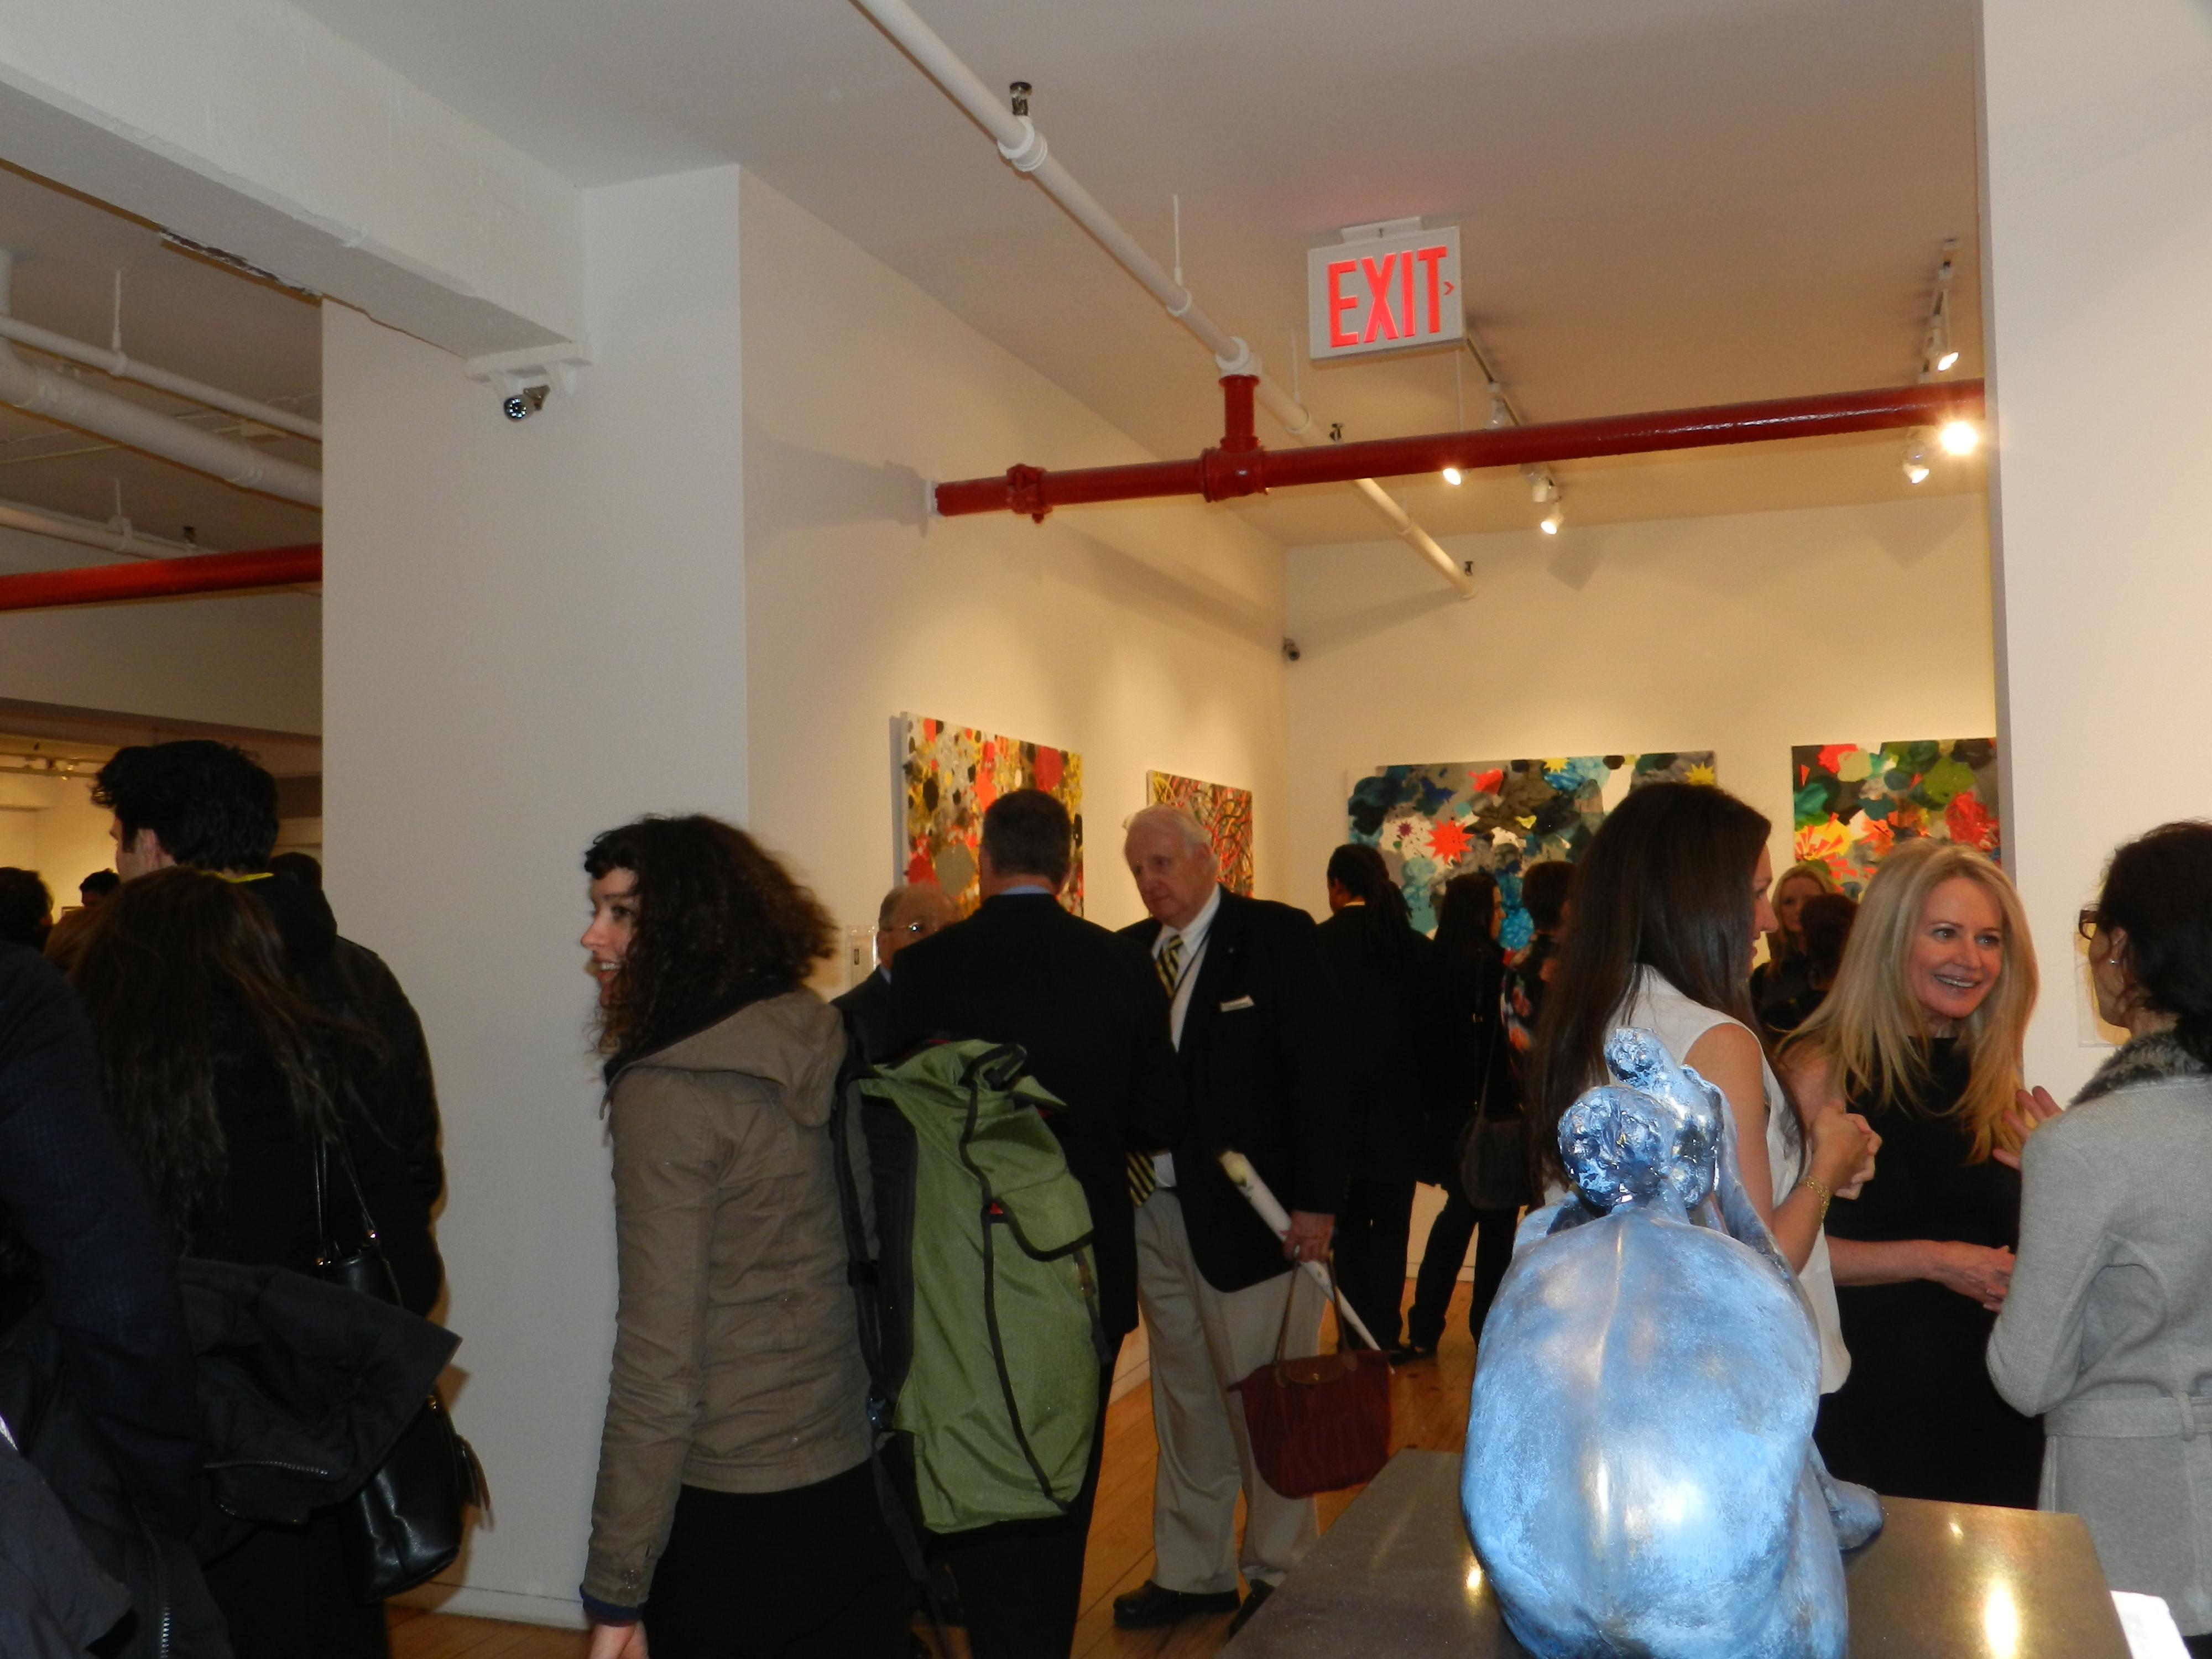 Lety+Herrera+At++Agora+Gallery+NYC+020